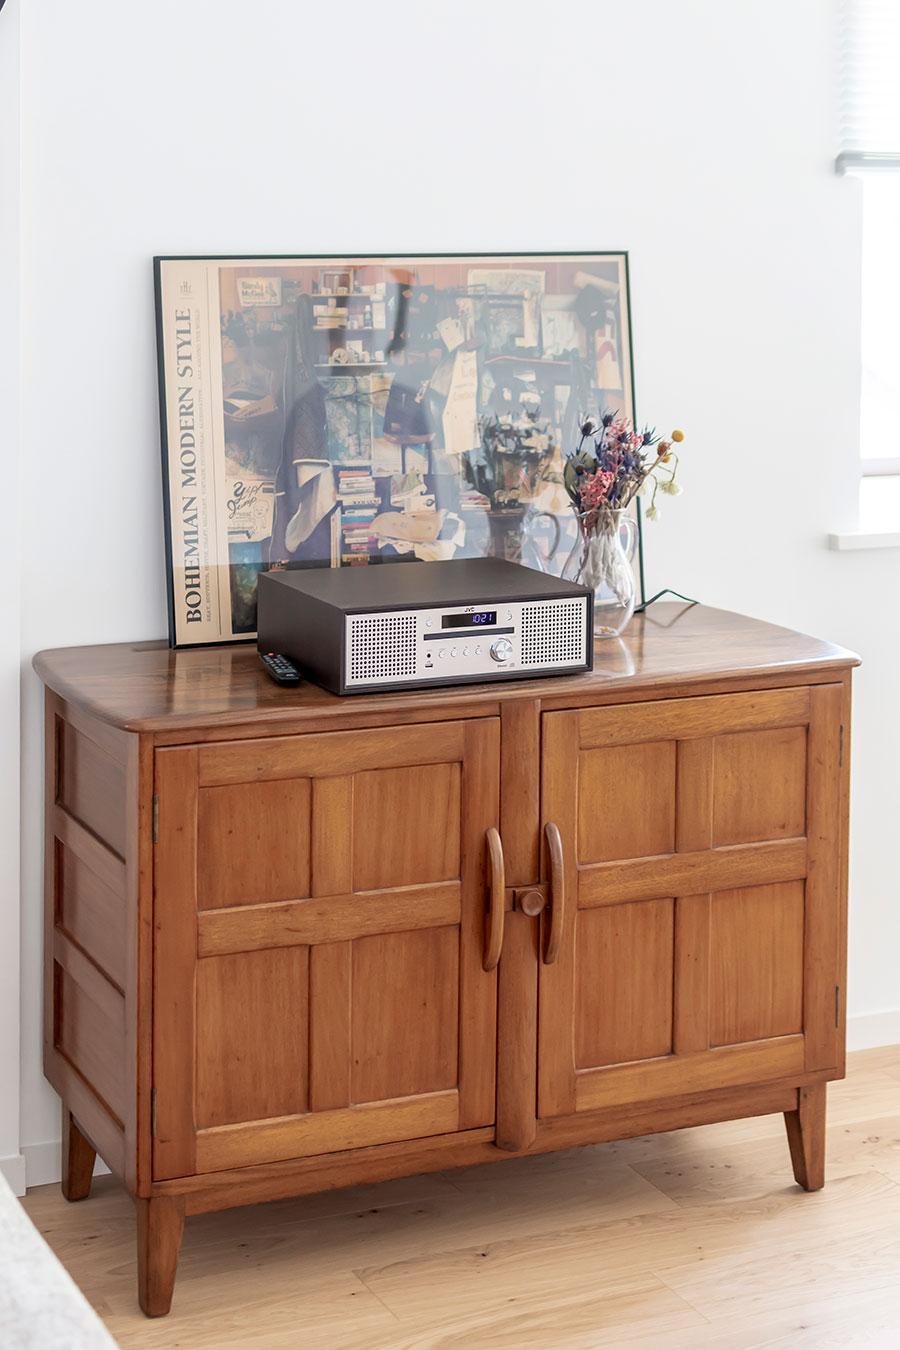 英国の家具メーカー「ERCOL」のキャビネット。